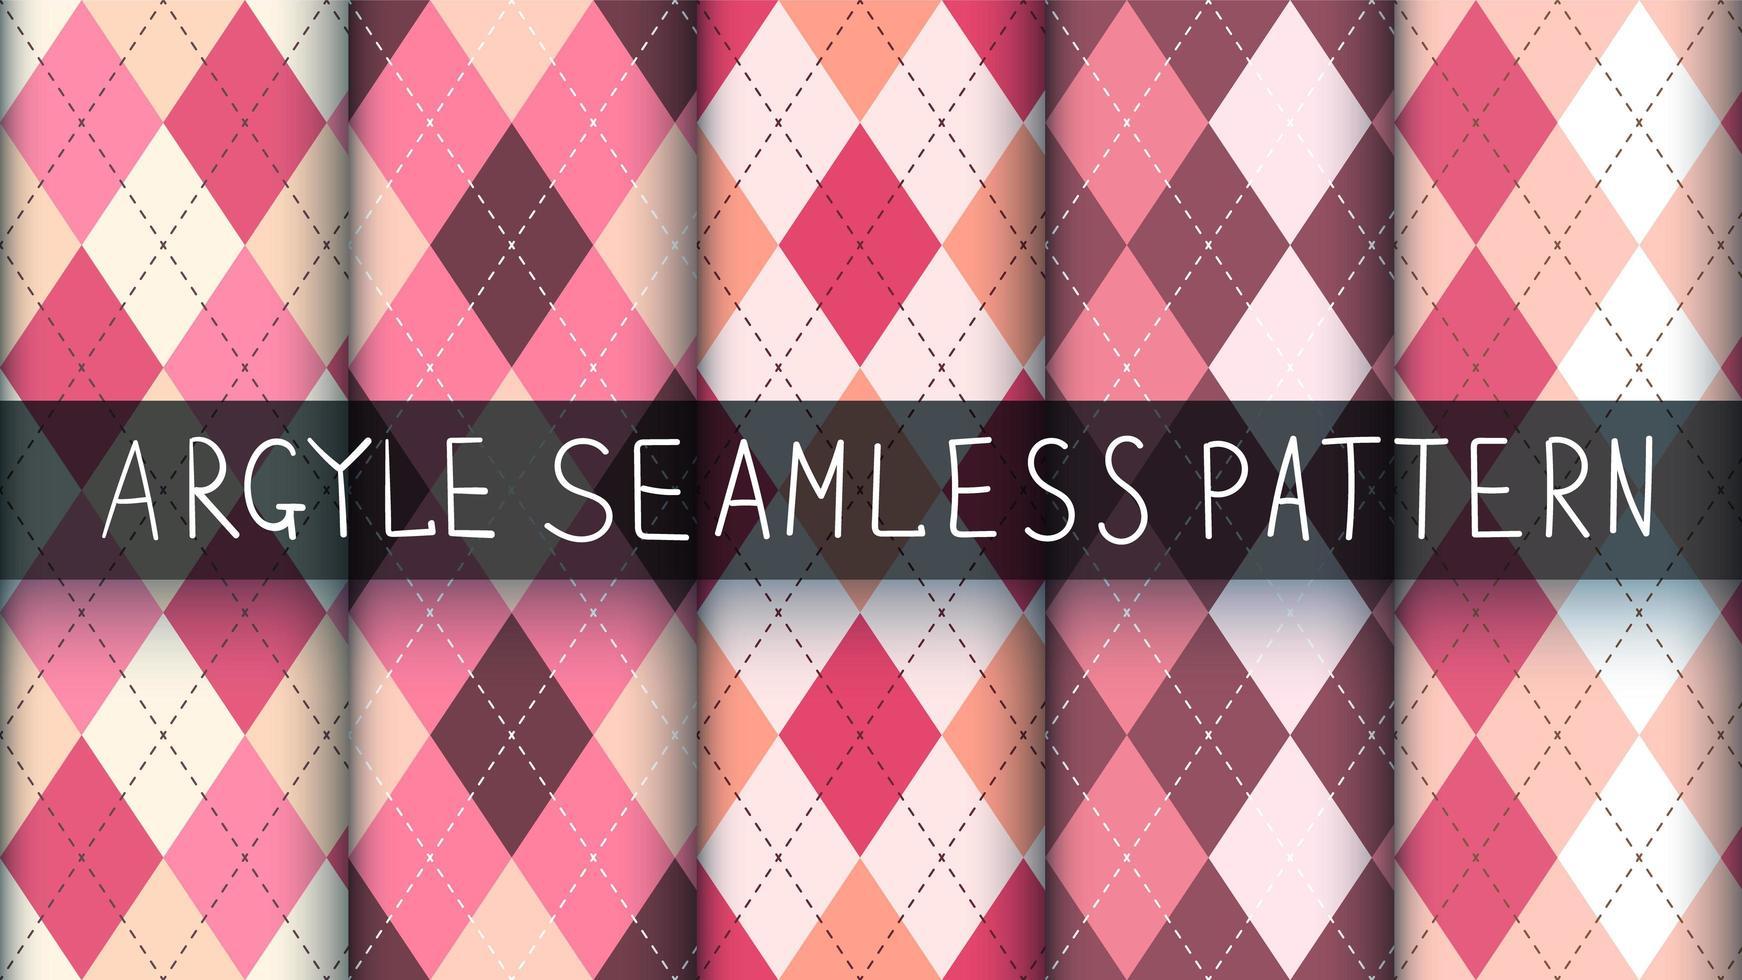 ensemble de motifs tartan, argyle et plaid rose sans soudure vecteur